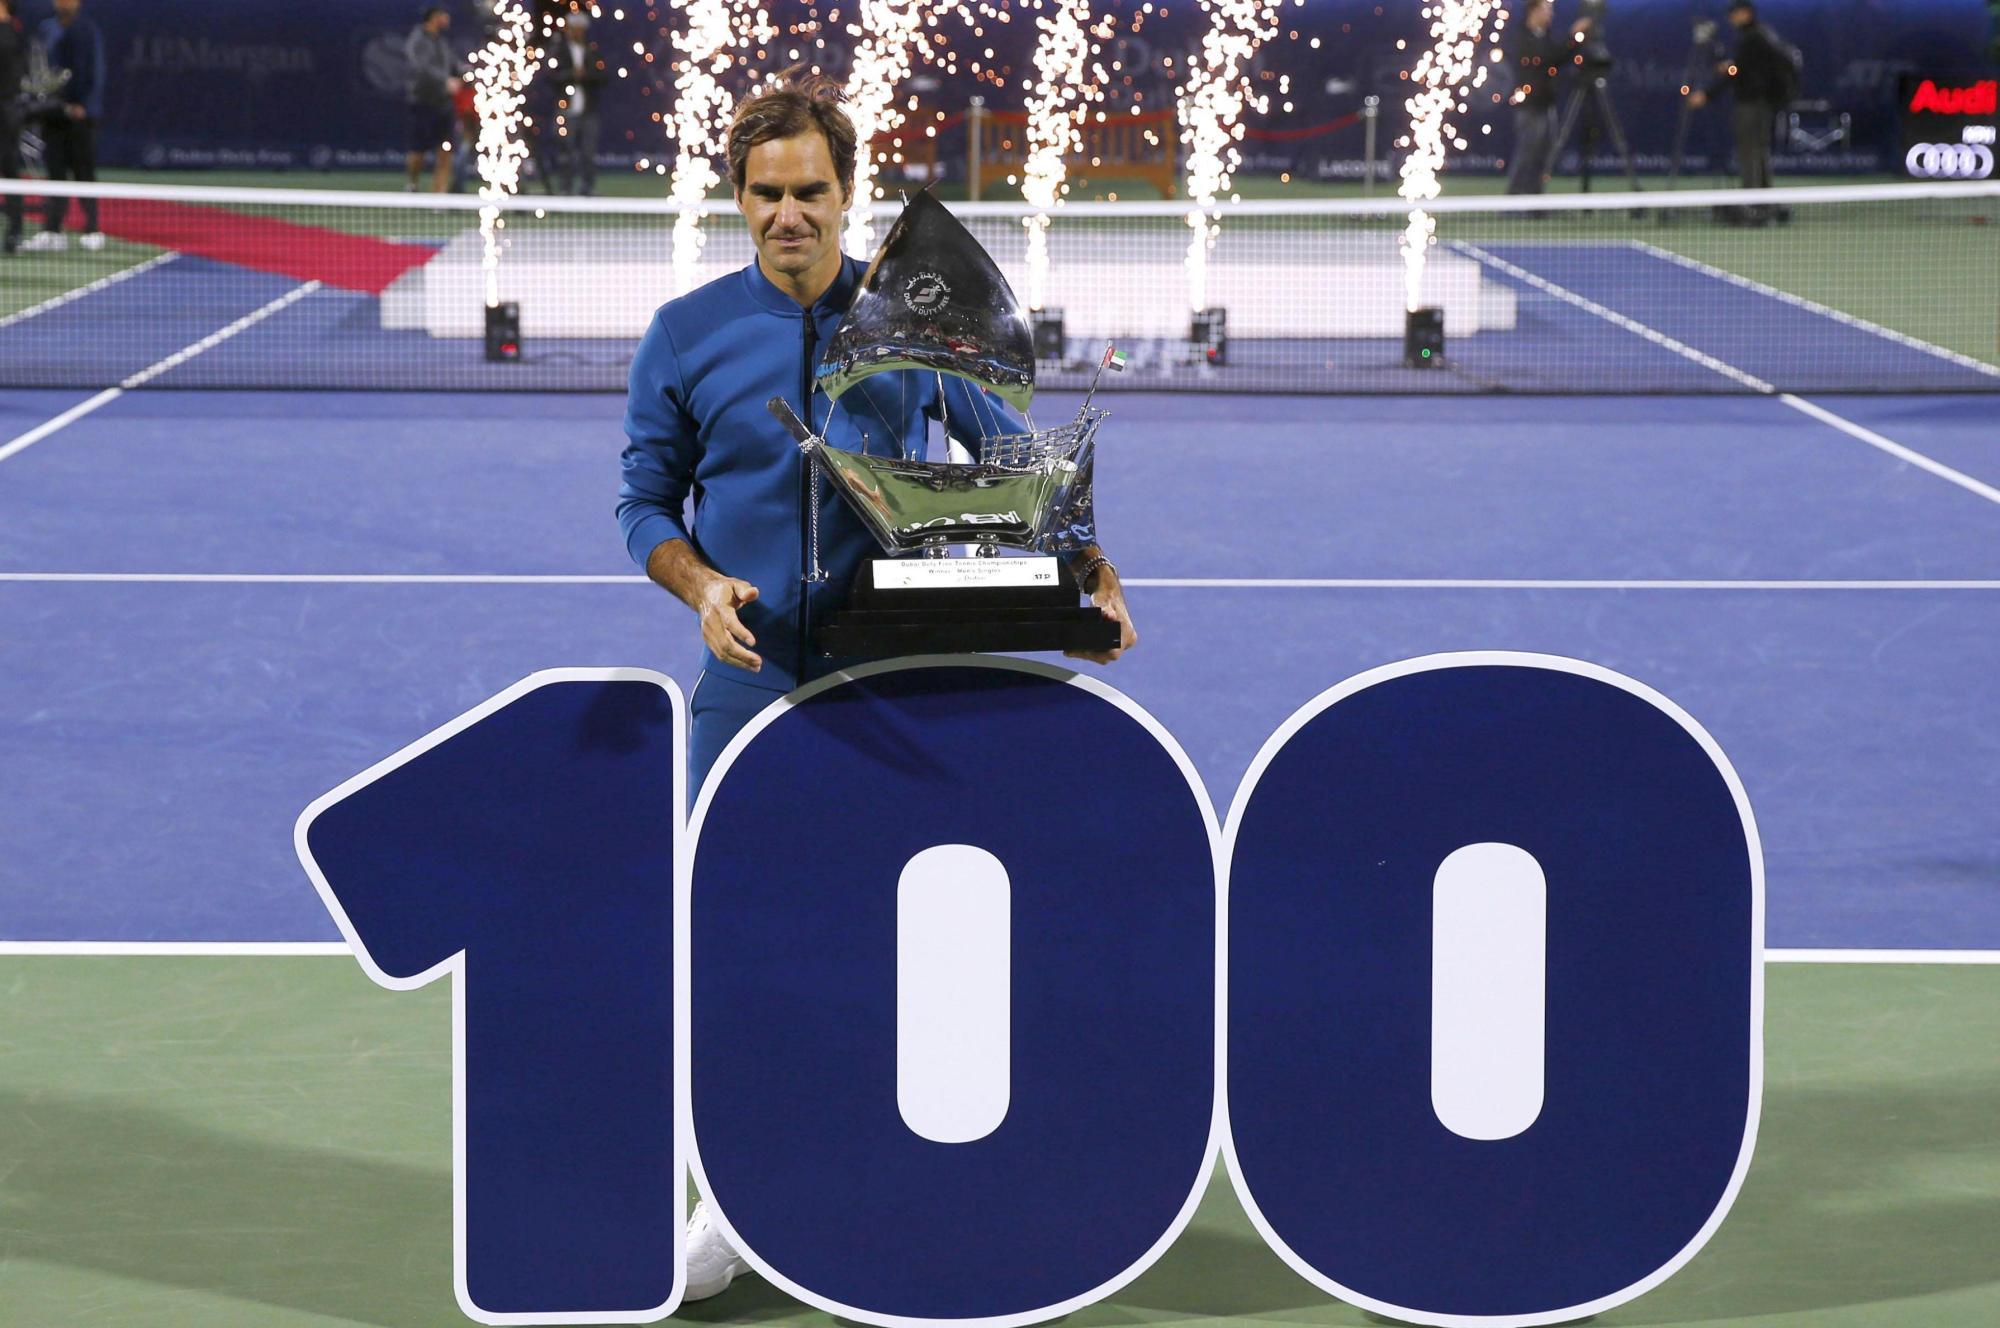 Latest on Roger Federer Retirement Plans - Maestro to Extend Career?